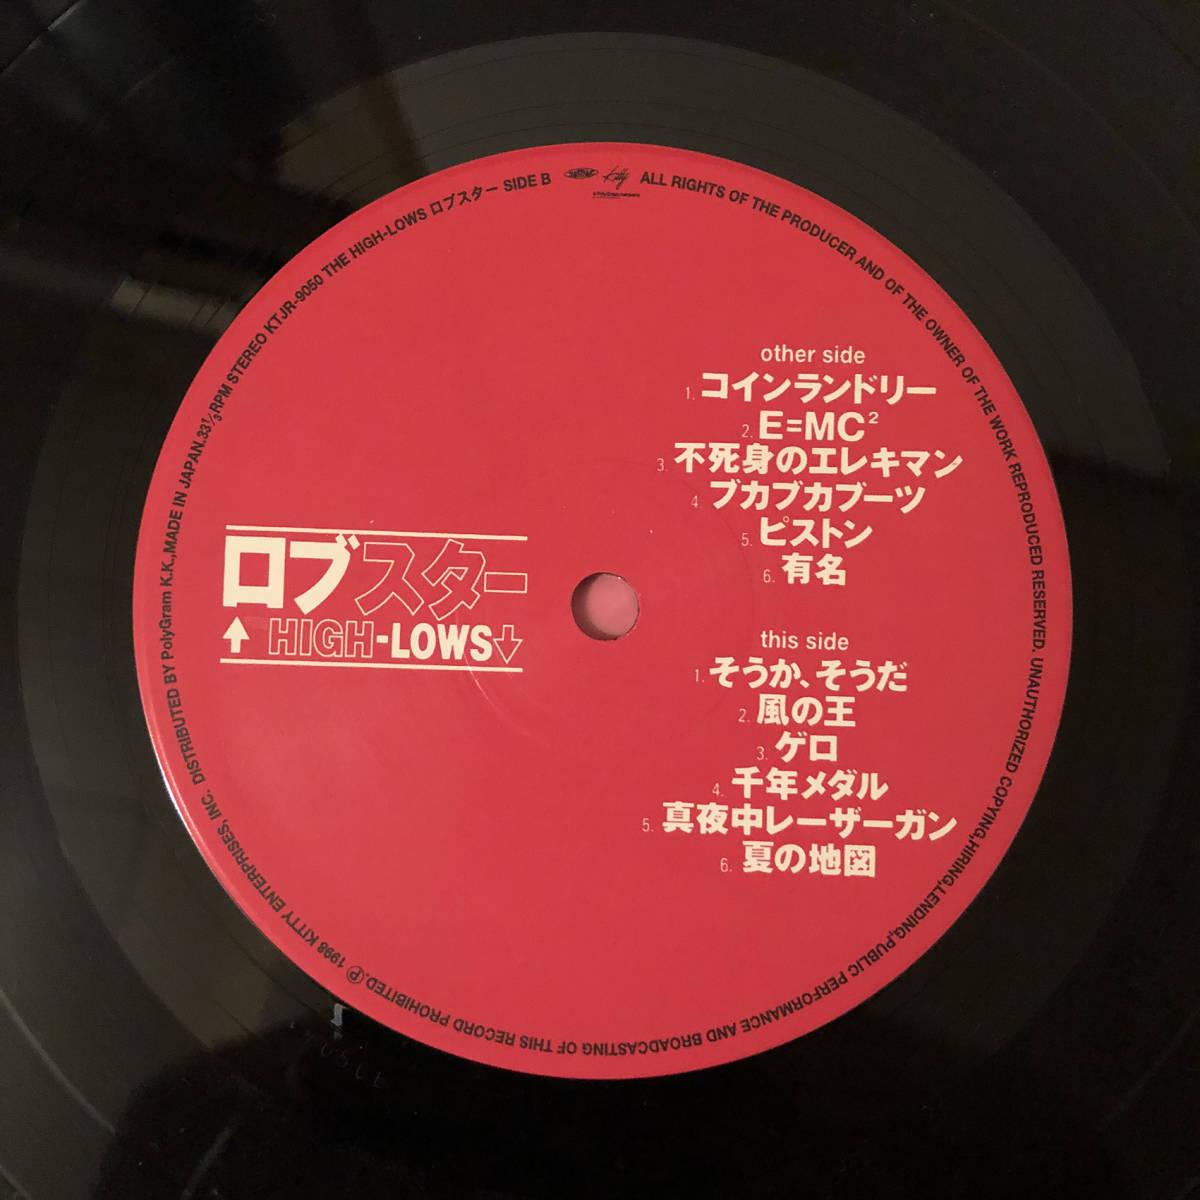 THE HIGH-LOWS / ロブスター ザ・ハイロウズ 帯付 千年メダル 和モノ J-POP_画像3